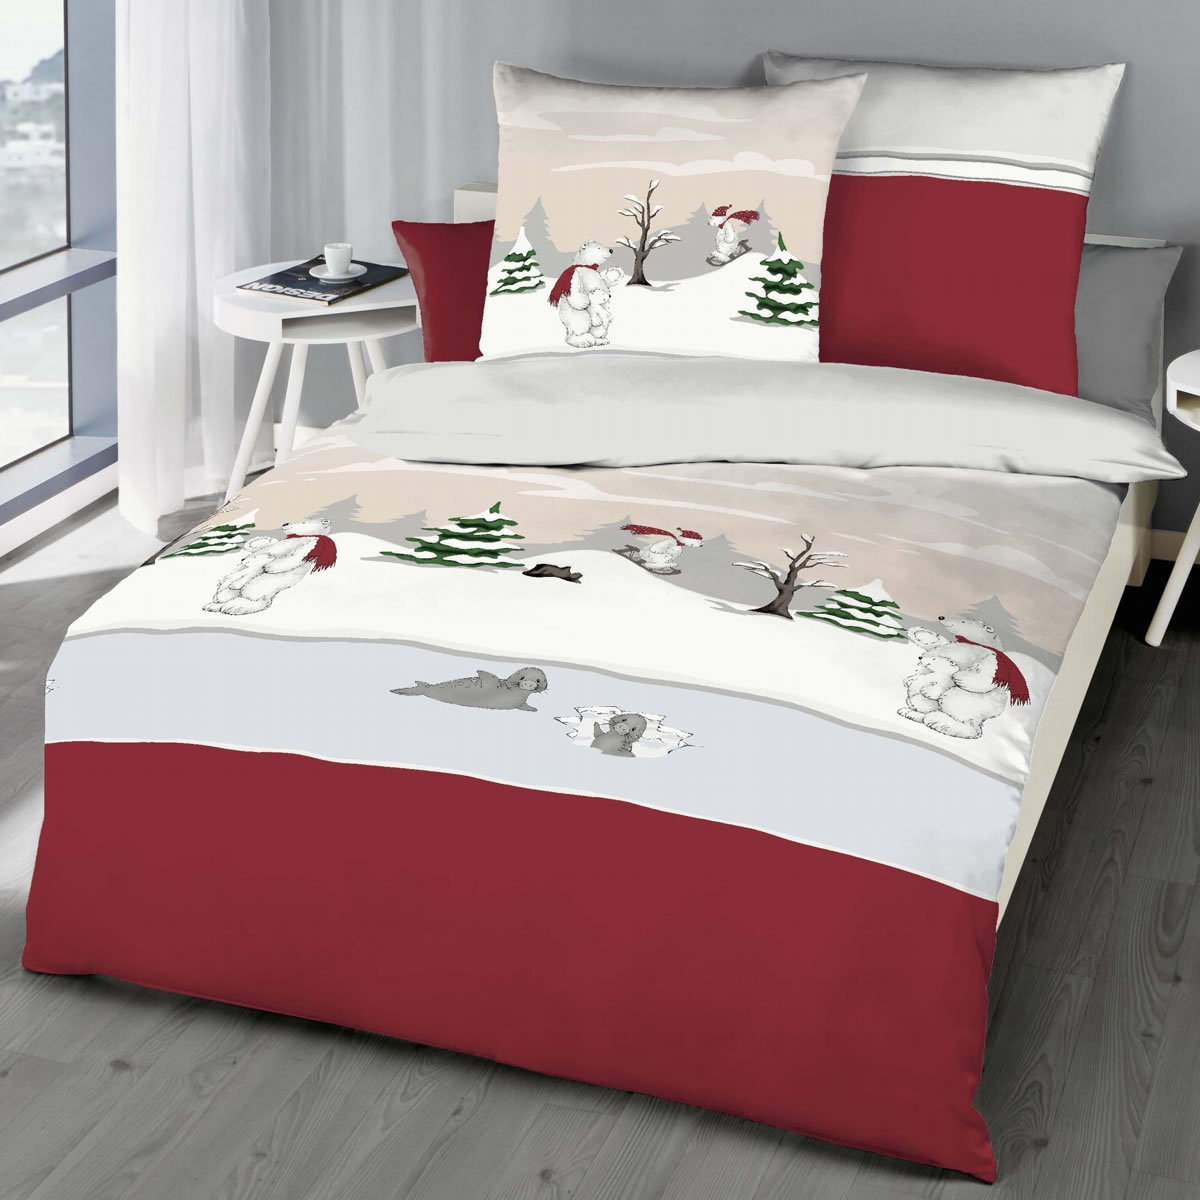 Full Size of Kaeppel Biber Bettwsche 155x220 Cm Design 6252 Eisbr Rot Winter Bettwäsche Sprüche Wohnzimmer Bettwäsche 155x220